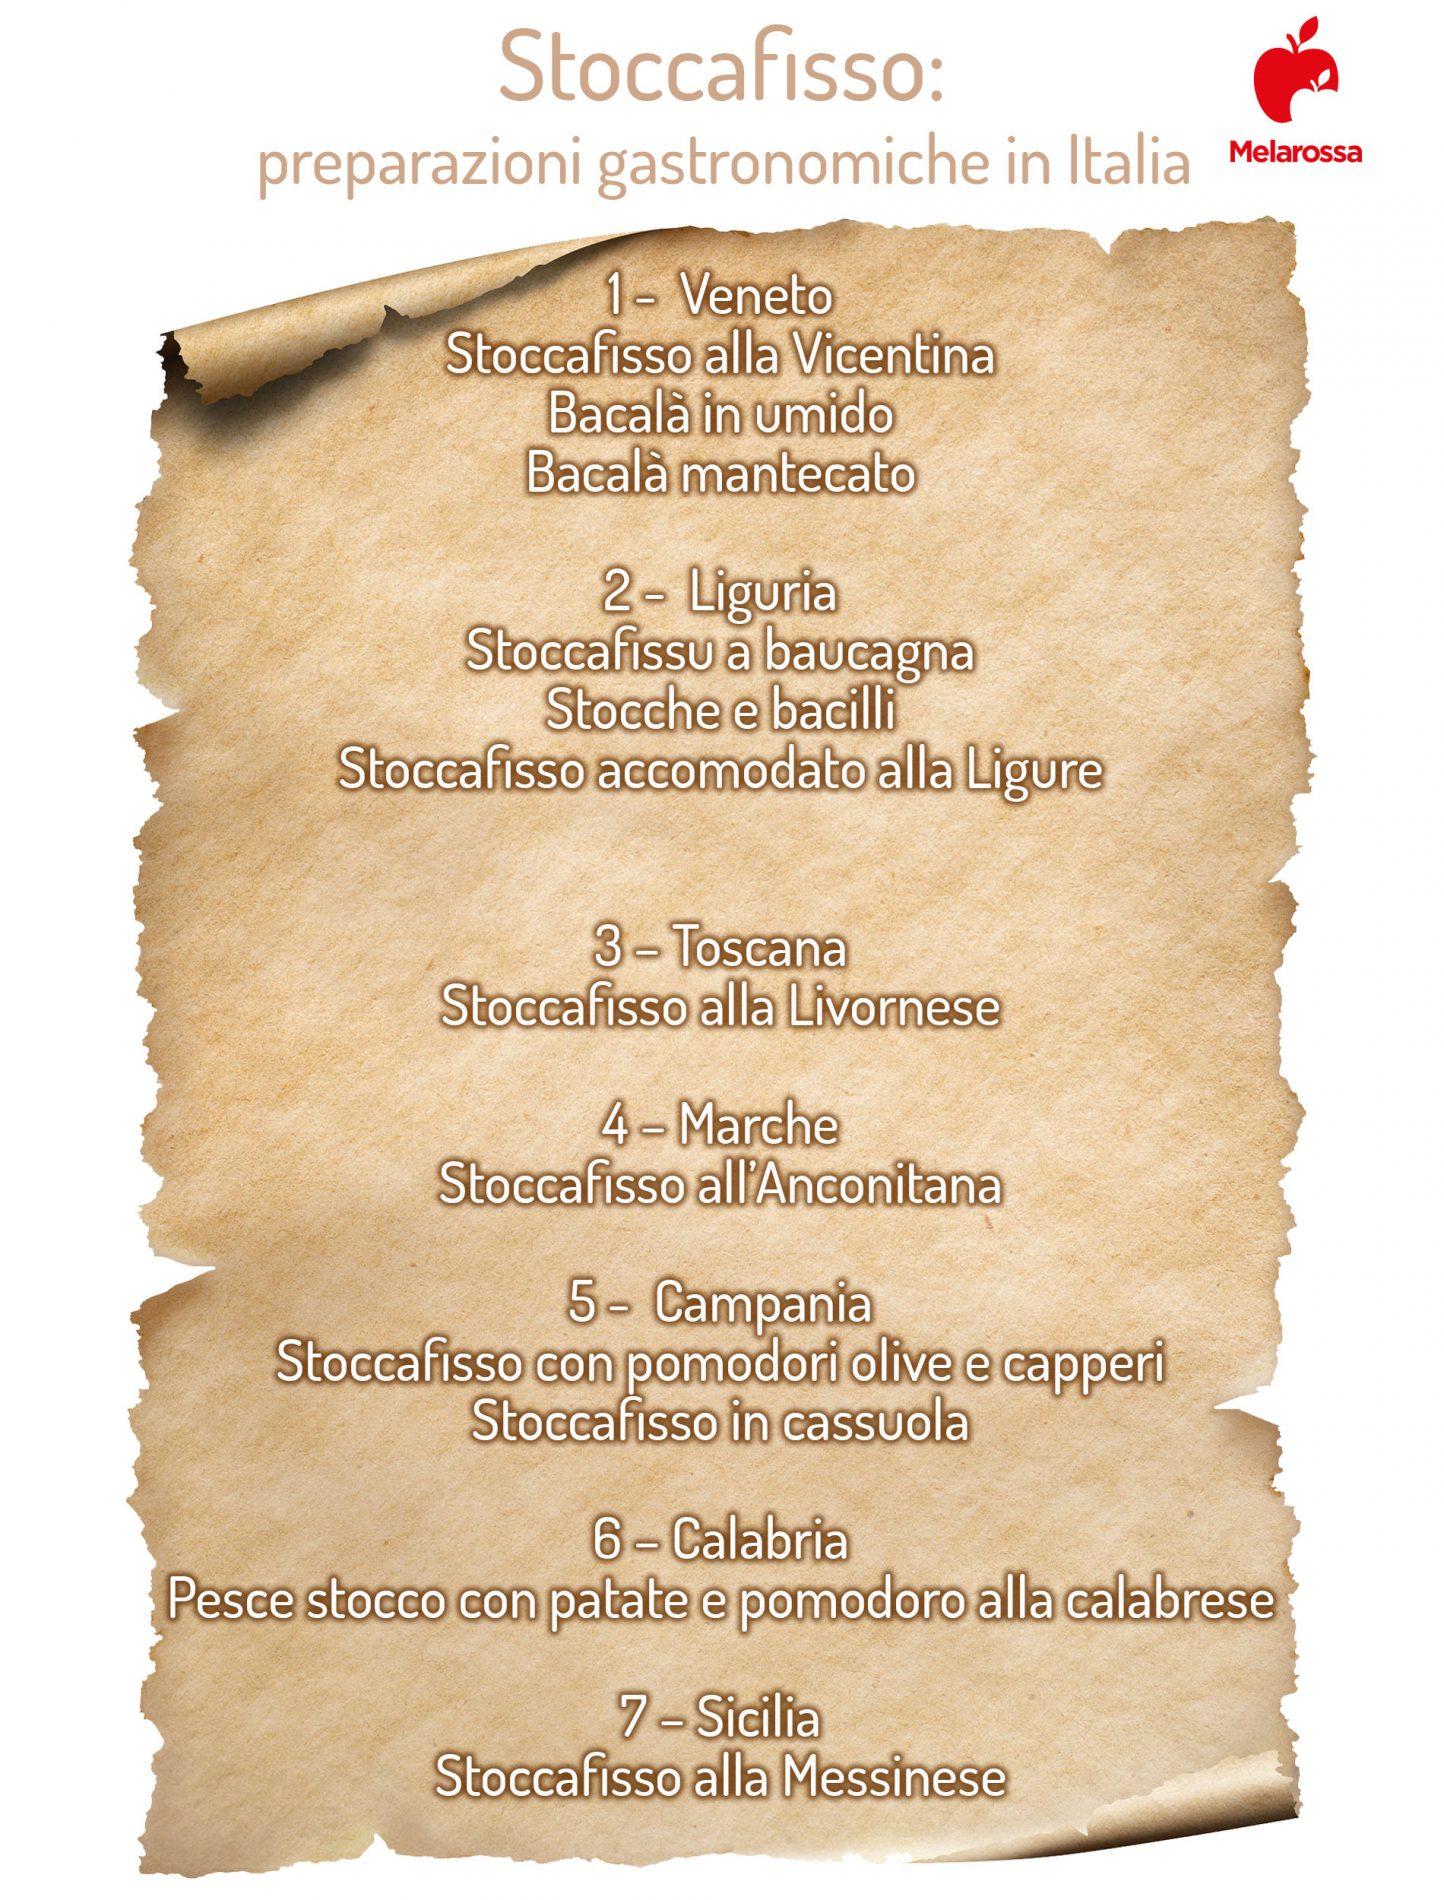 stoccafisso: ricette famose in Italia